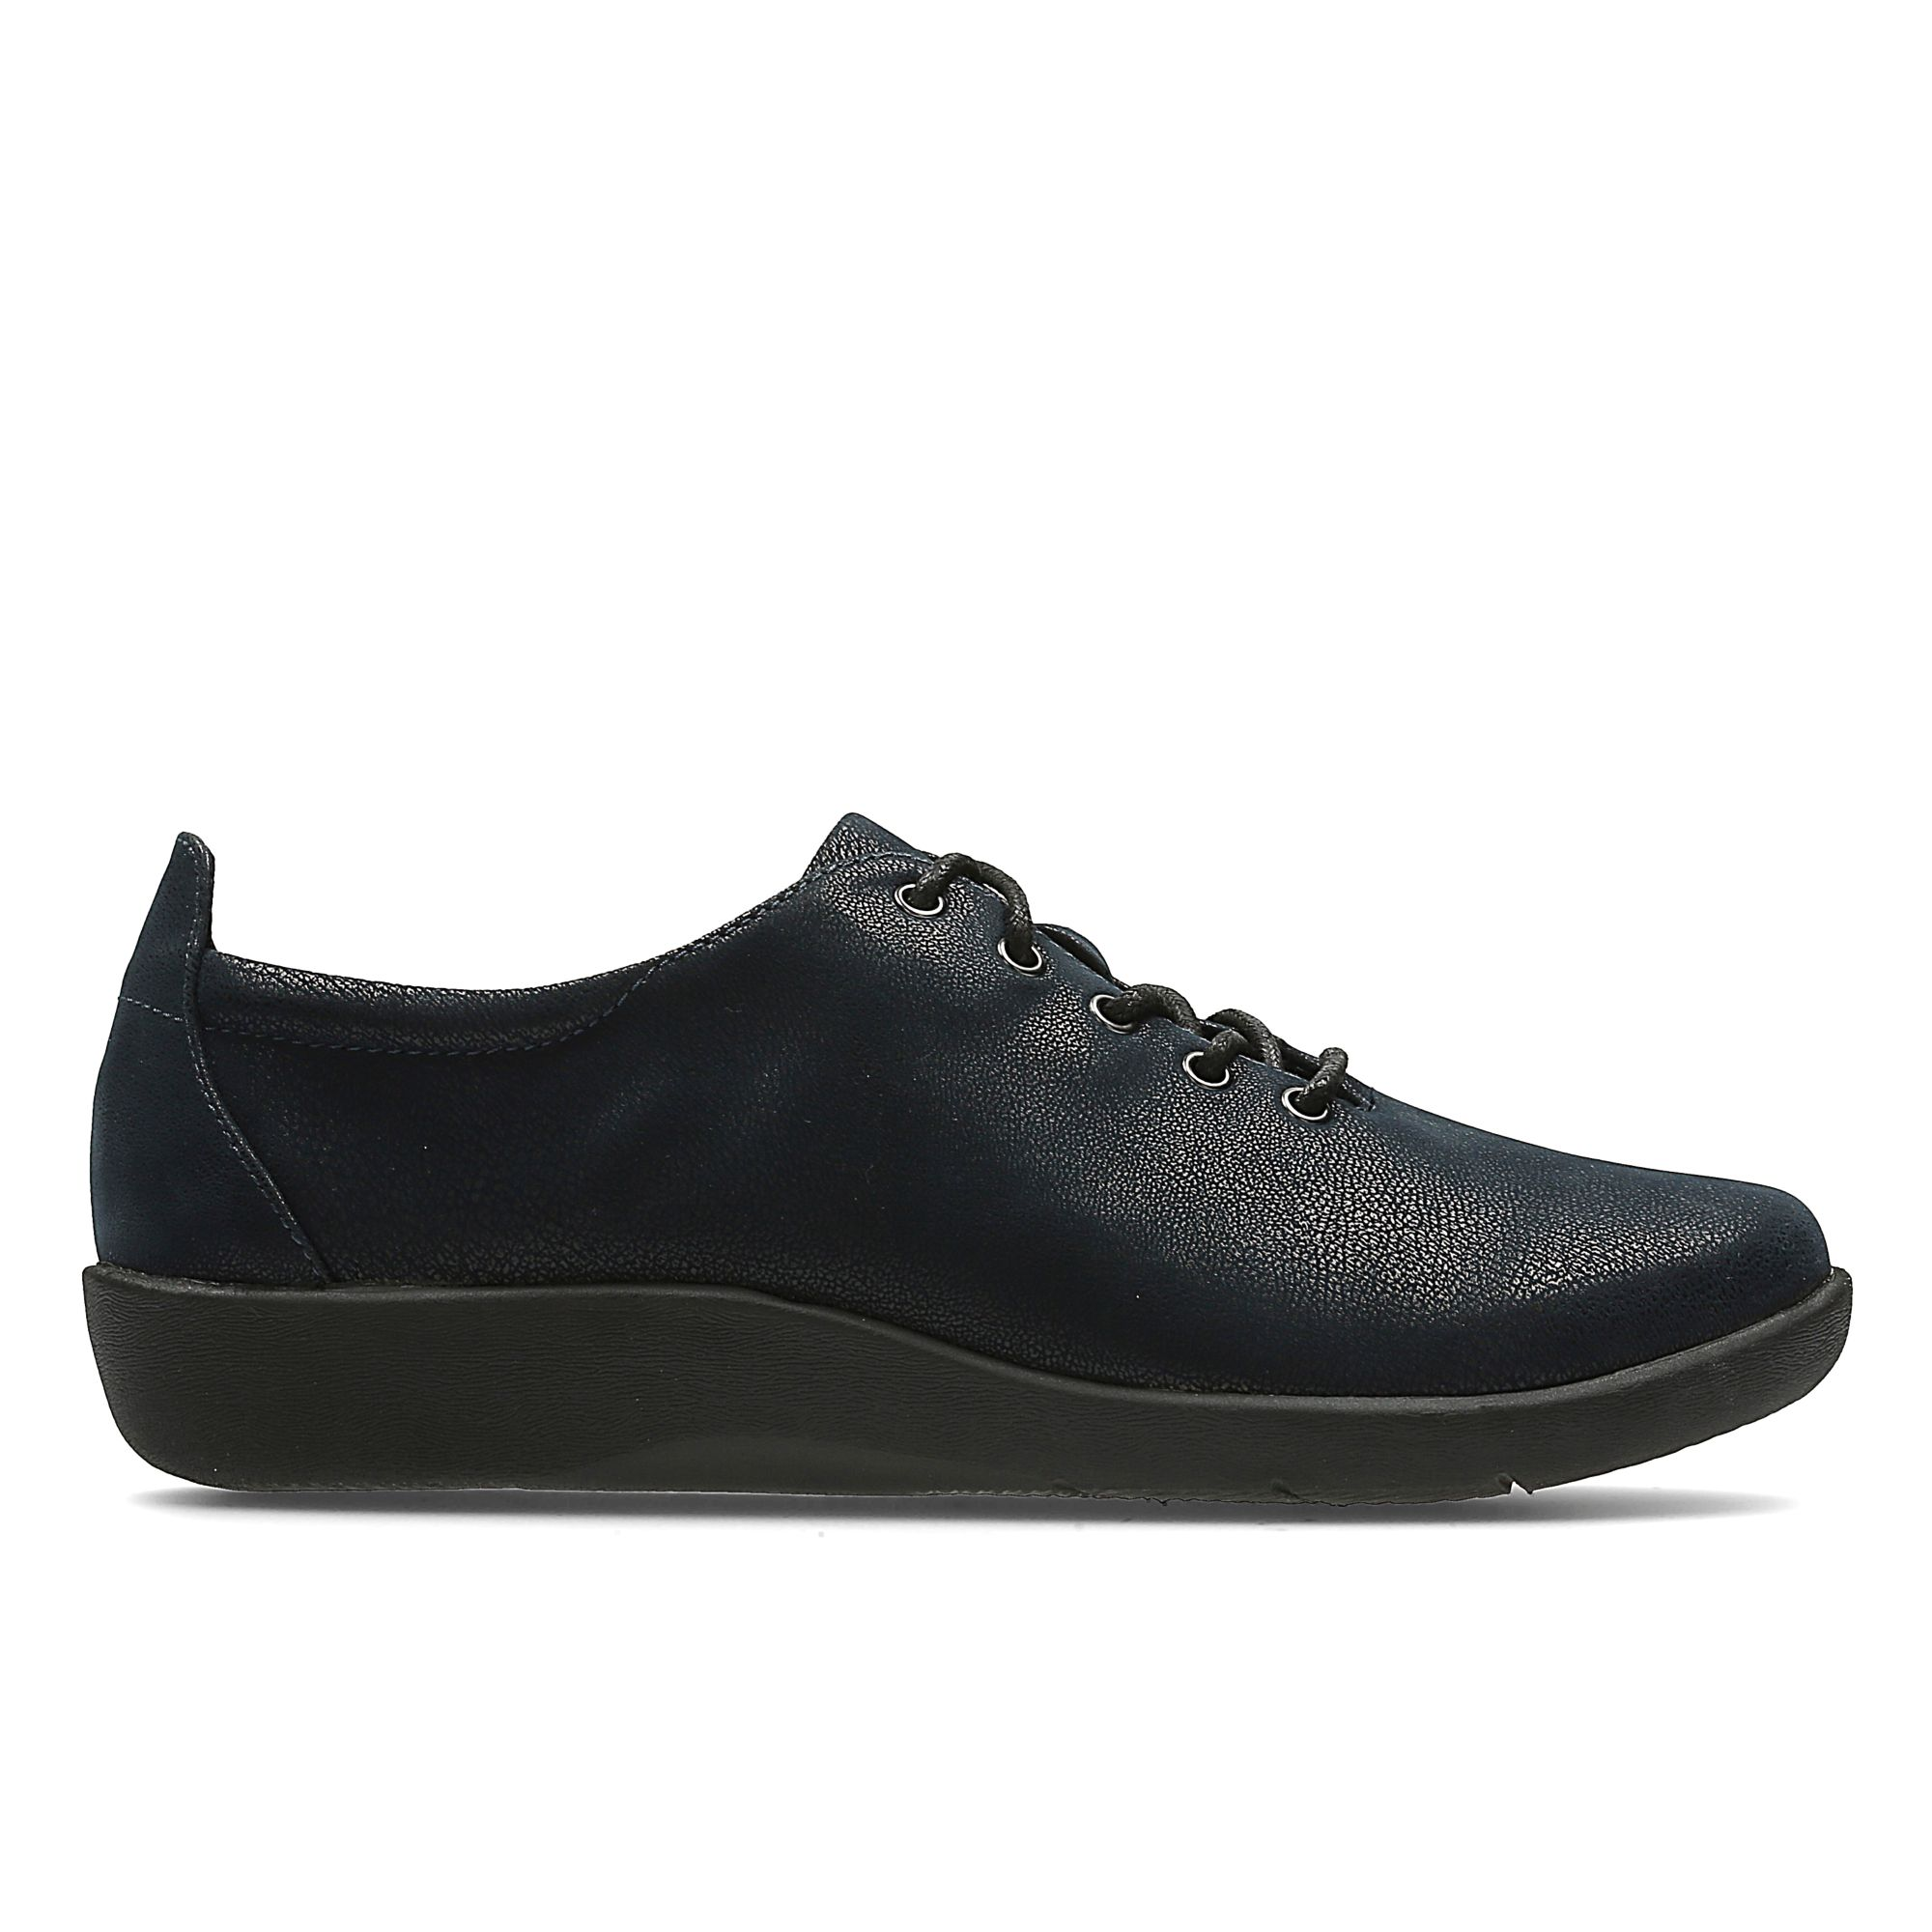 Zapatos mujer Sillian Tino: Tiendas Notizalia